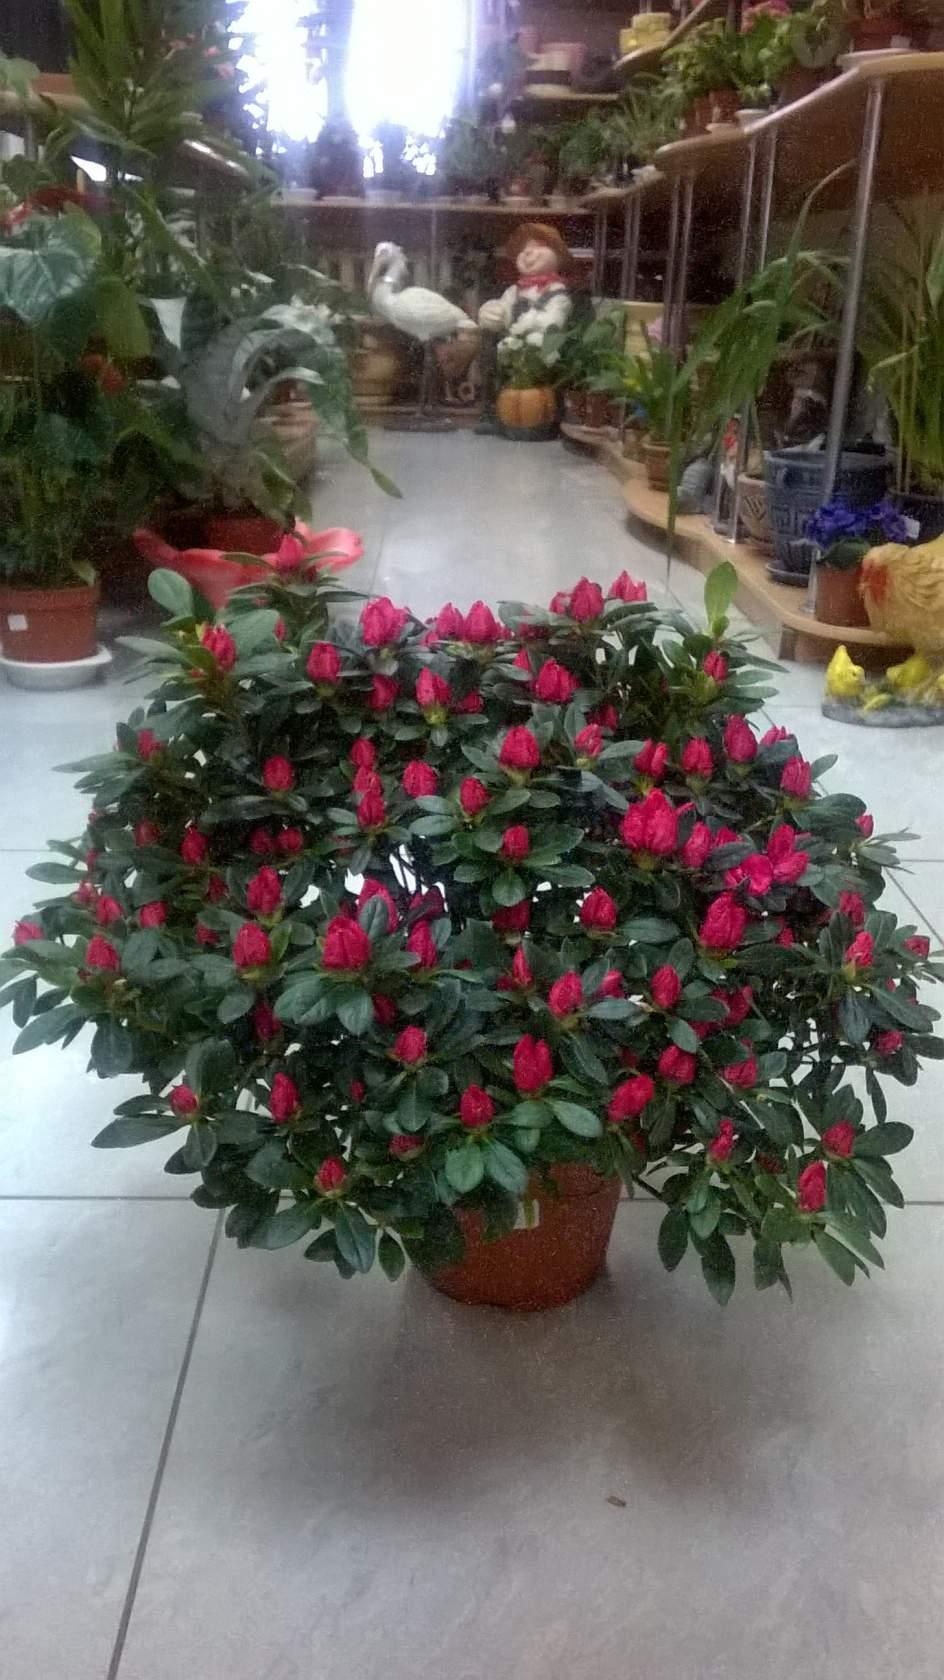 e02fc1aaa94b Дорогие хозяюшки, любители и только начинающие цветоводы у нас привоз комнатных  цветов.